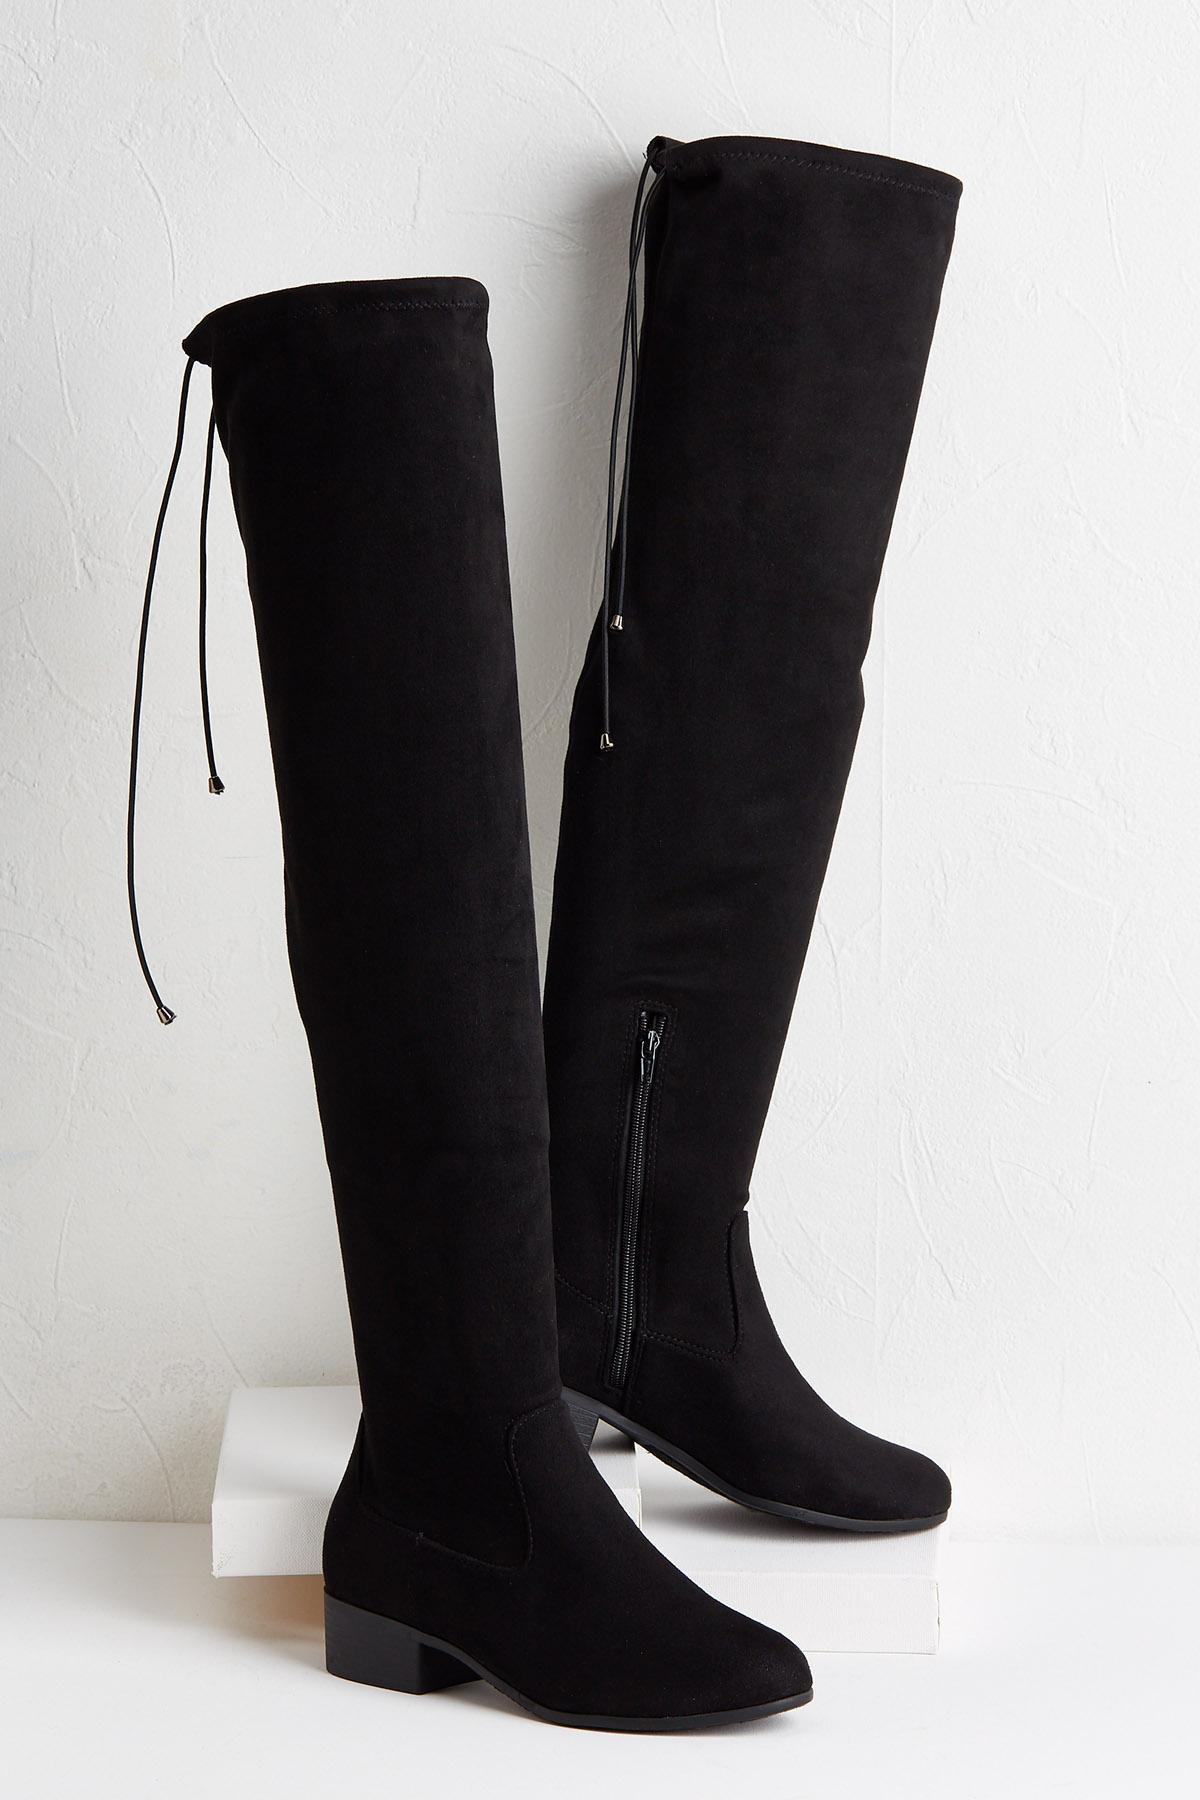 Over The Knee Low Heel Boots